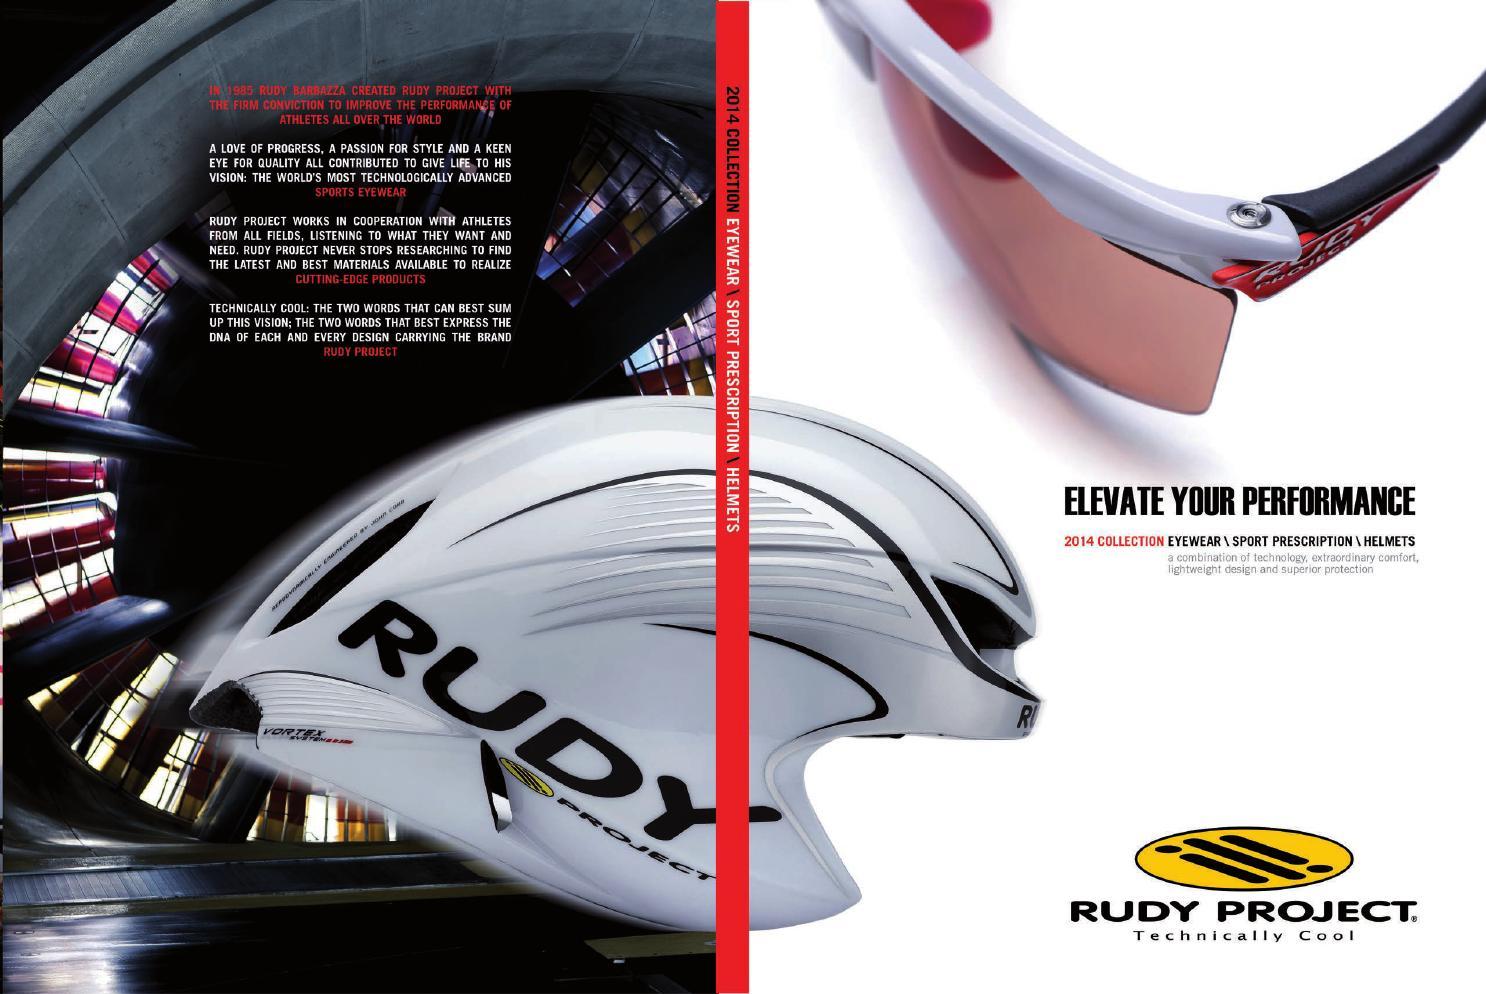 Rudy Project 2014 Eyewear, Sport Prescription, Helmets Catalog - English Edition by Rudy Project - issuu